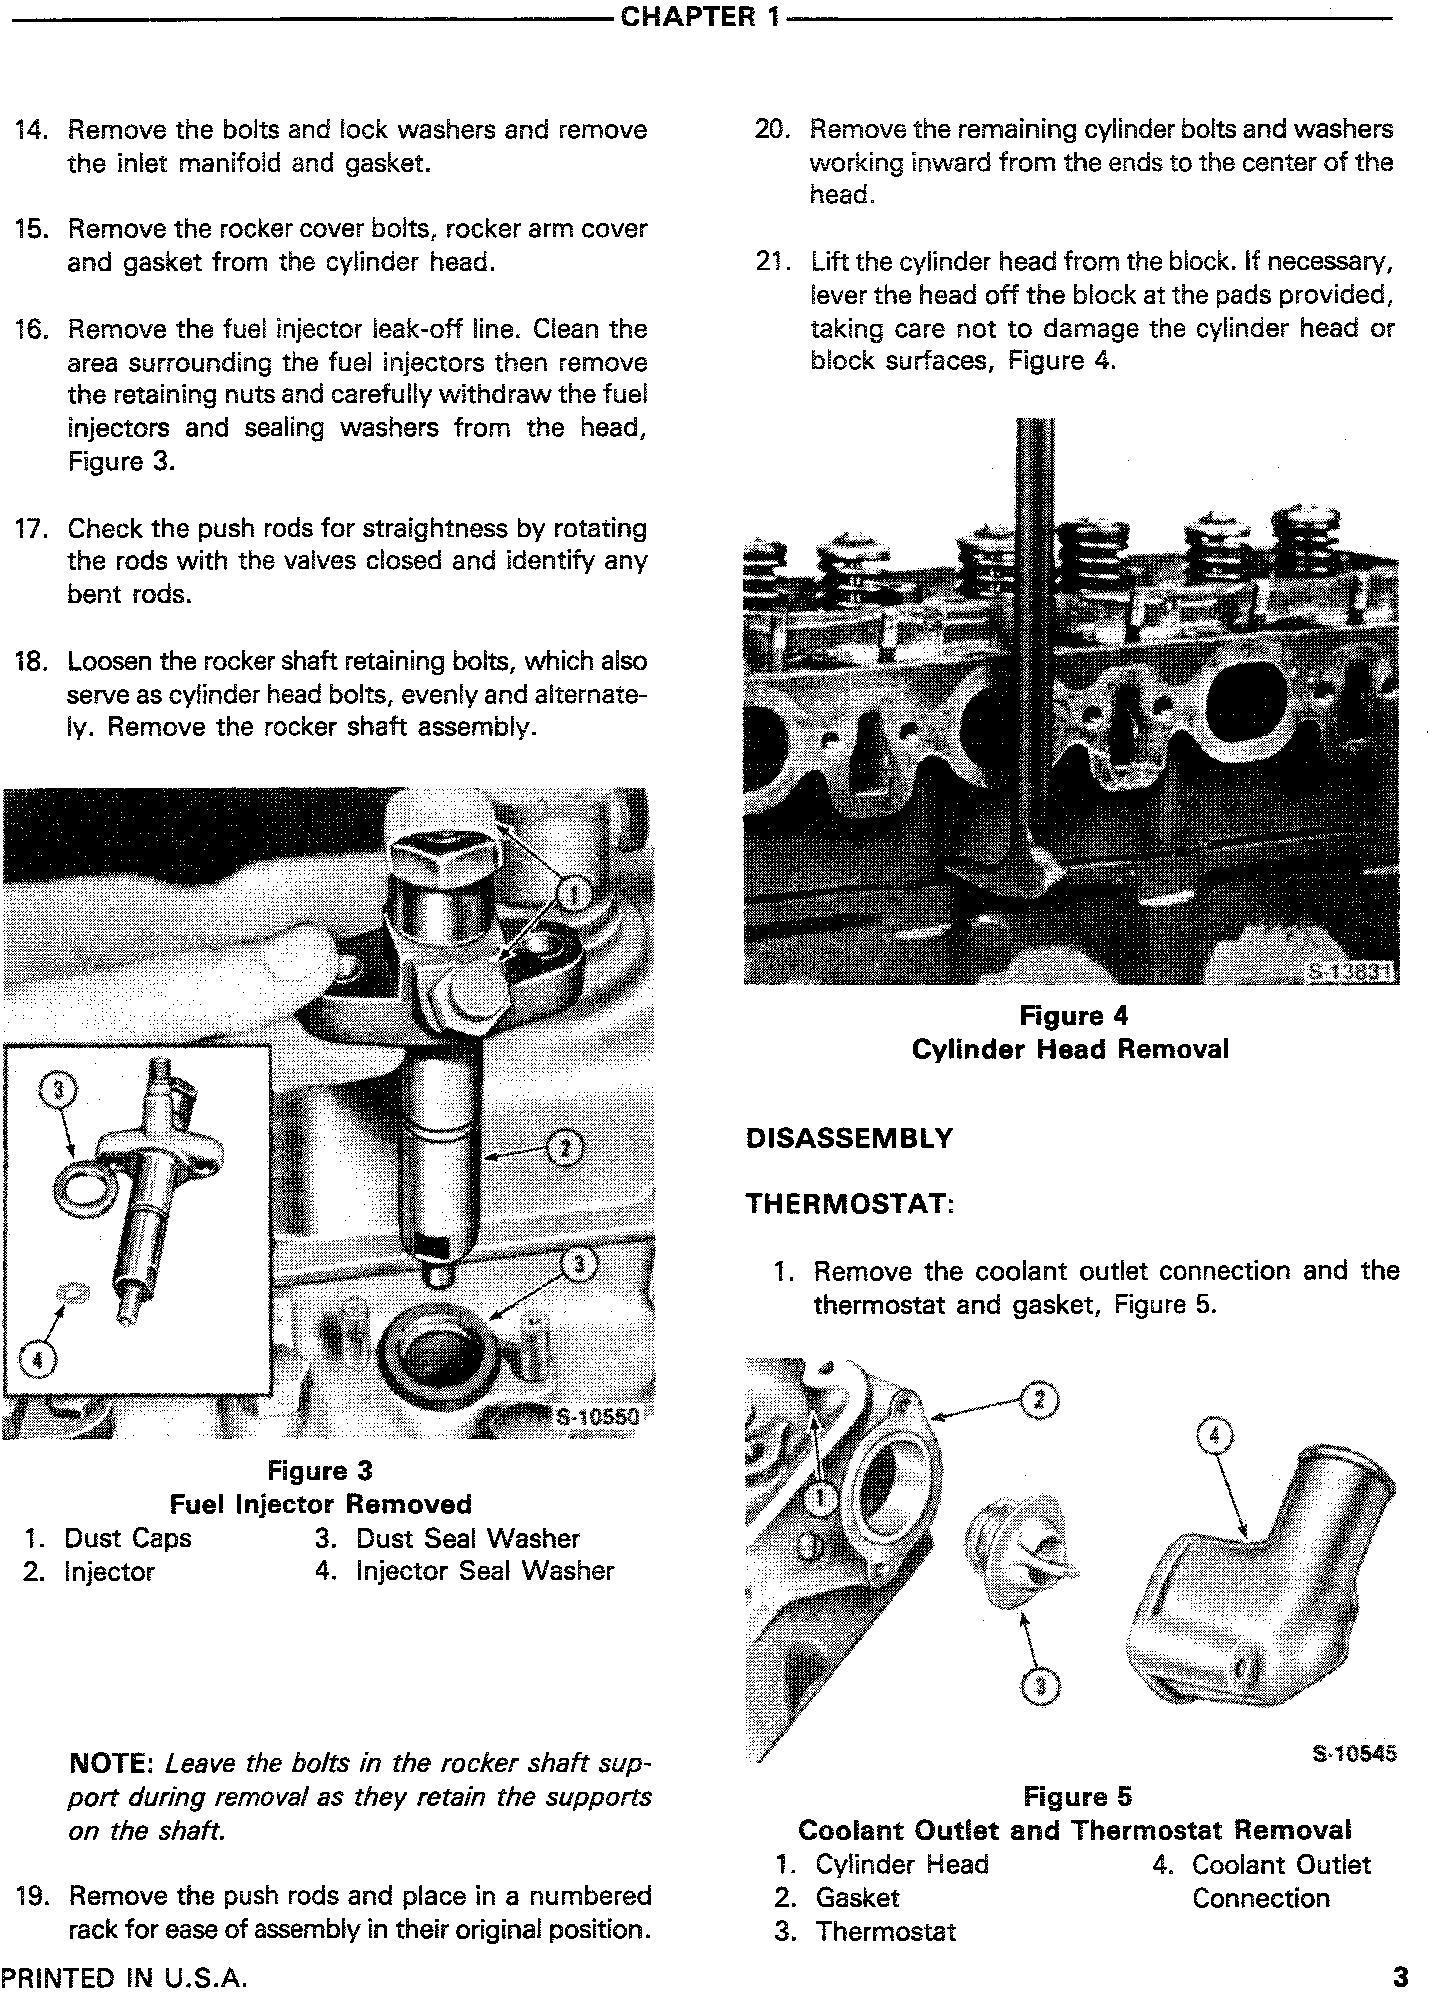 Ford 455 Tractor Loader Backhoe 1988 Complete Service Manual (SE4600) - 1